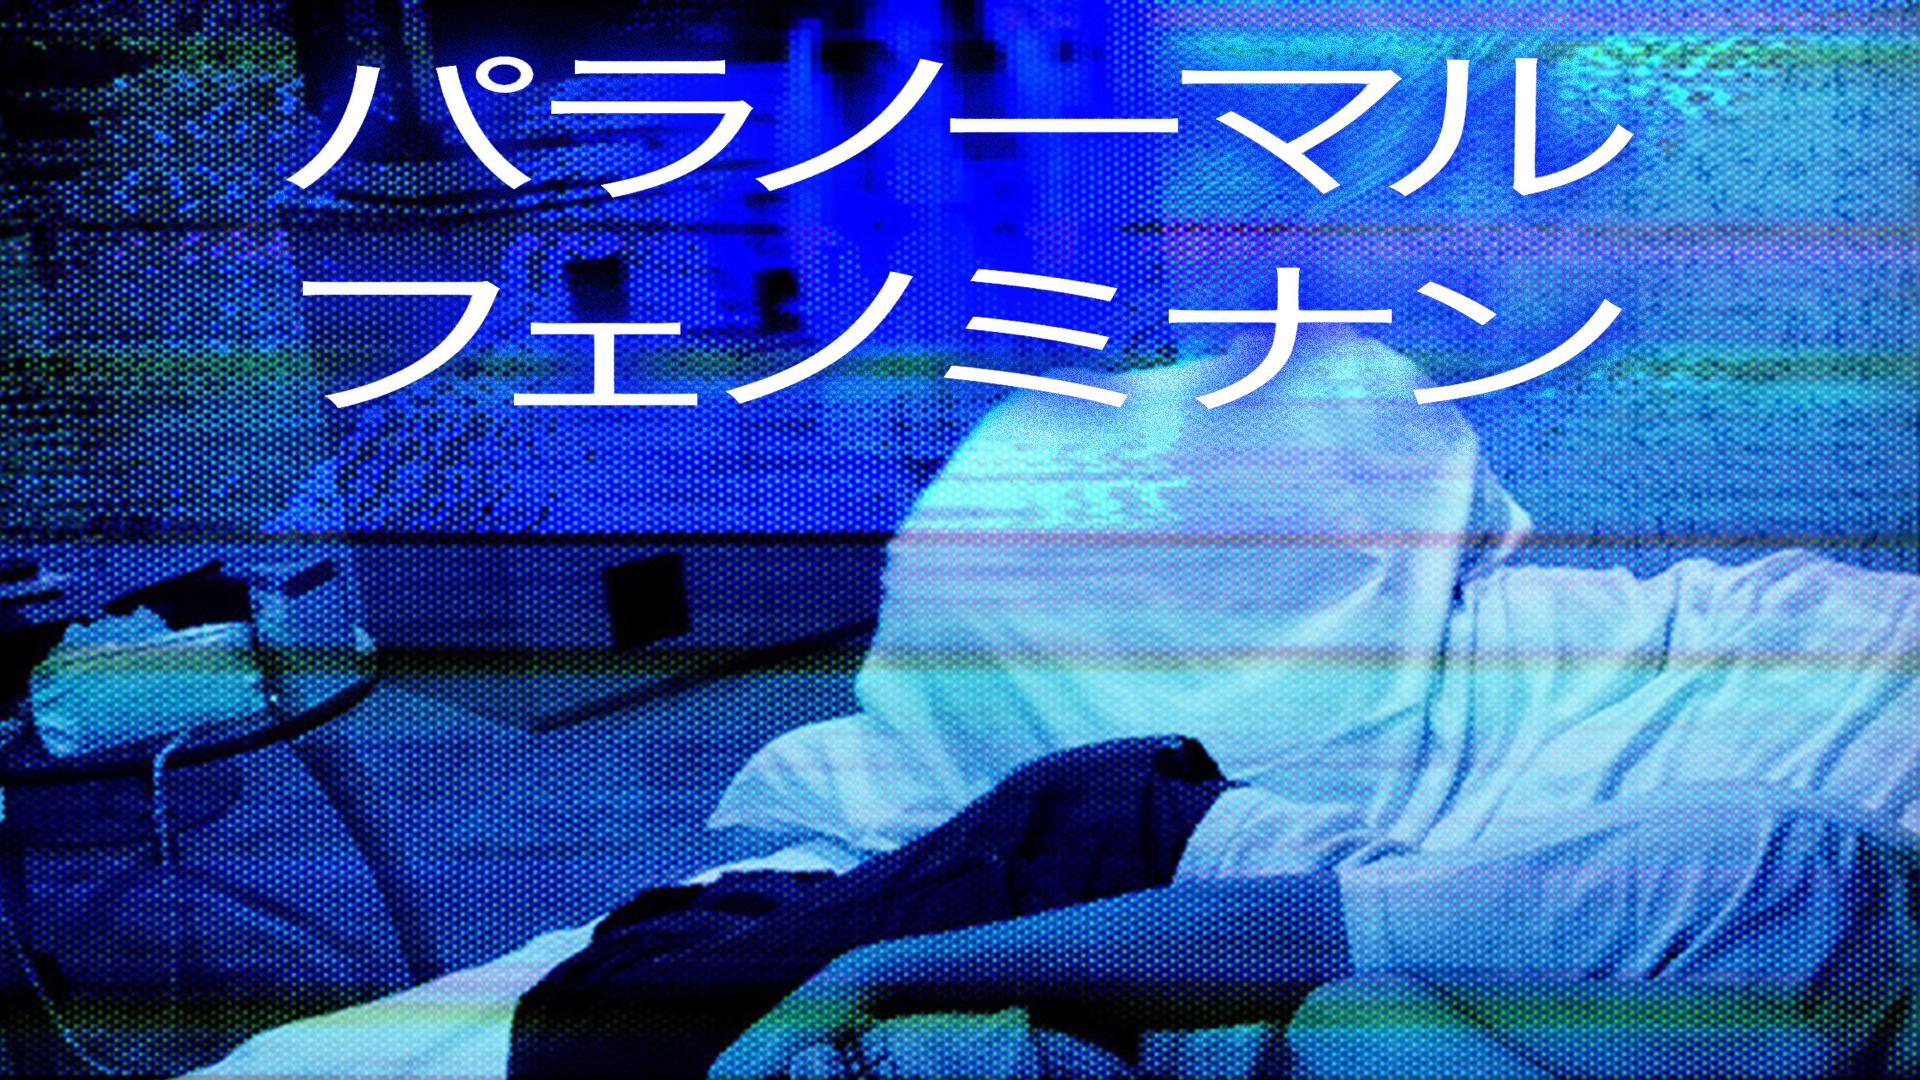 パラノーマル・フェノミナン のサムネイル画像